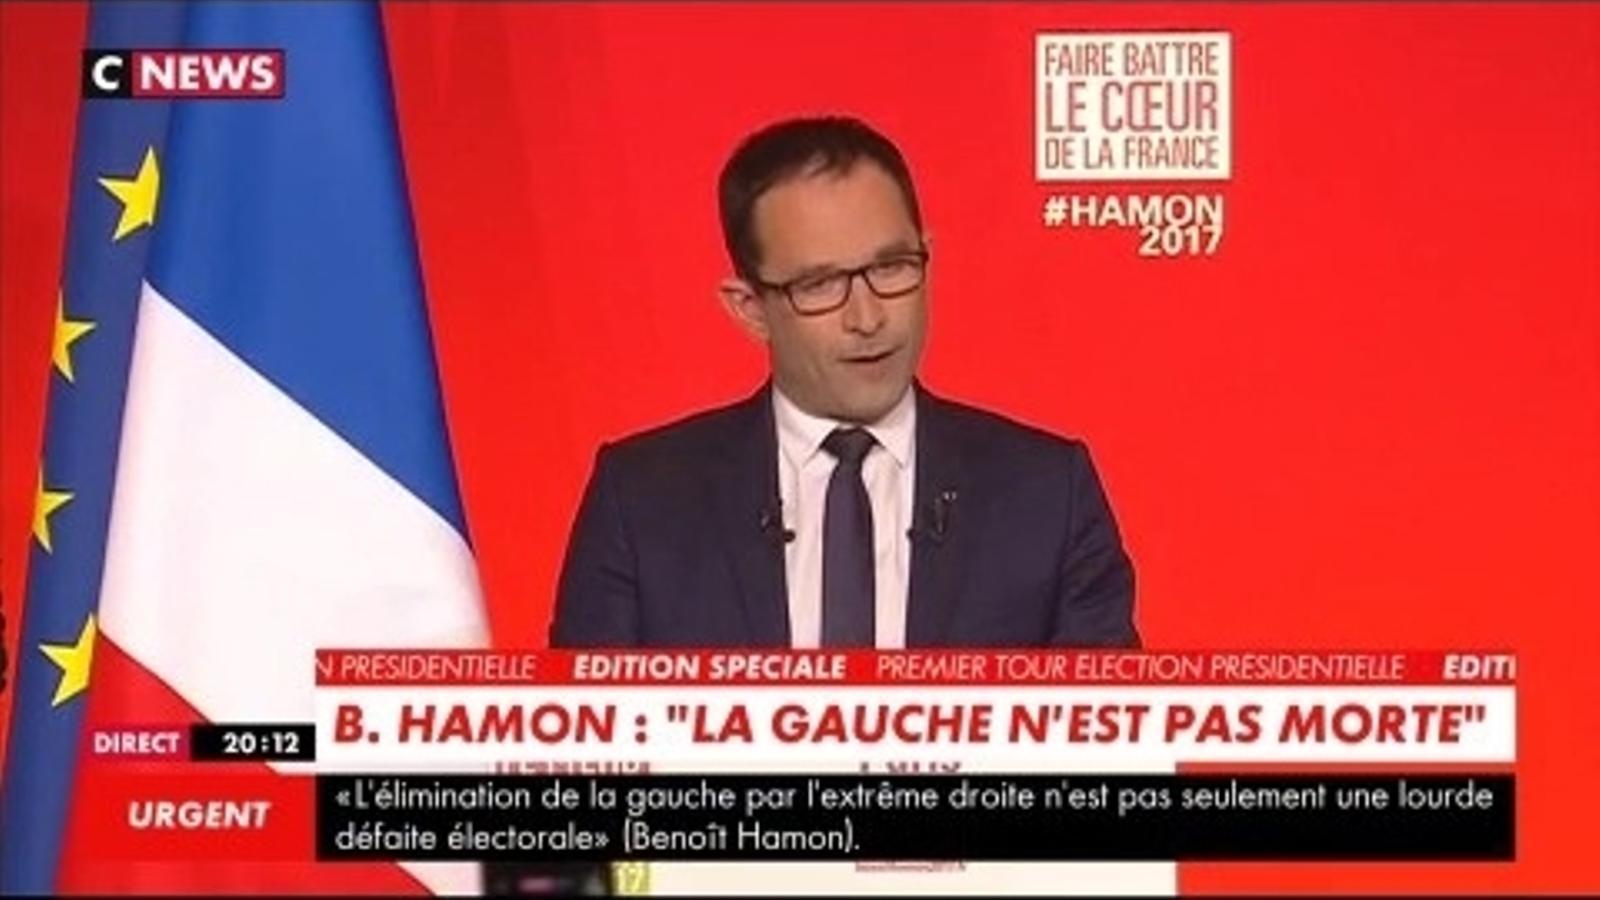 Hamon ha demanat el vot per Macron a la segona volta.